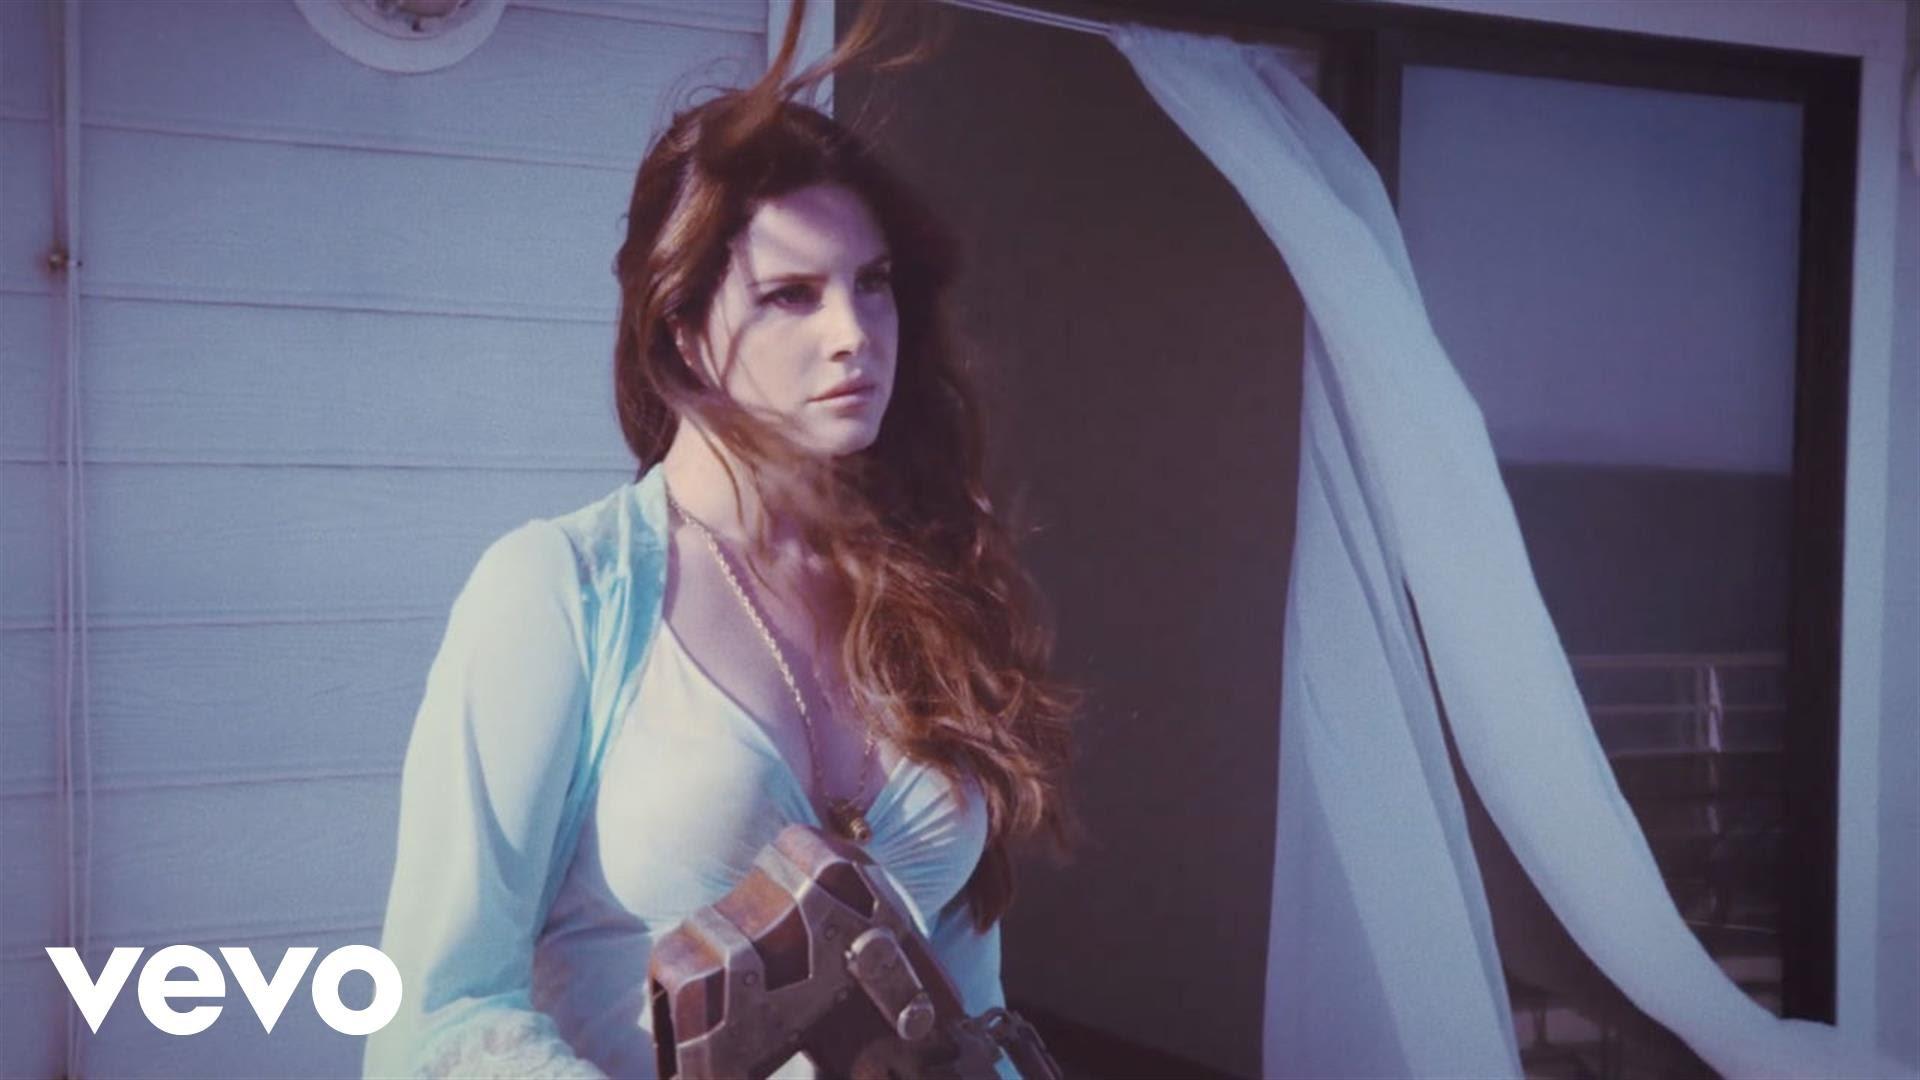 1920x1080 > Lana Del Rey Wallpapers